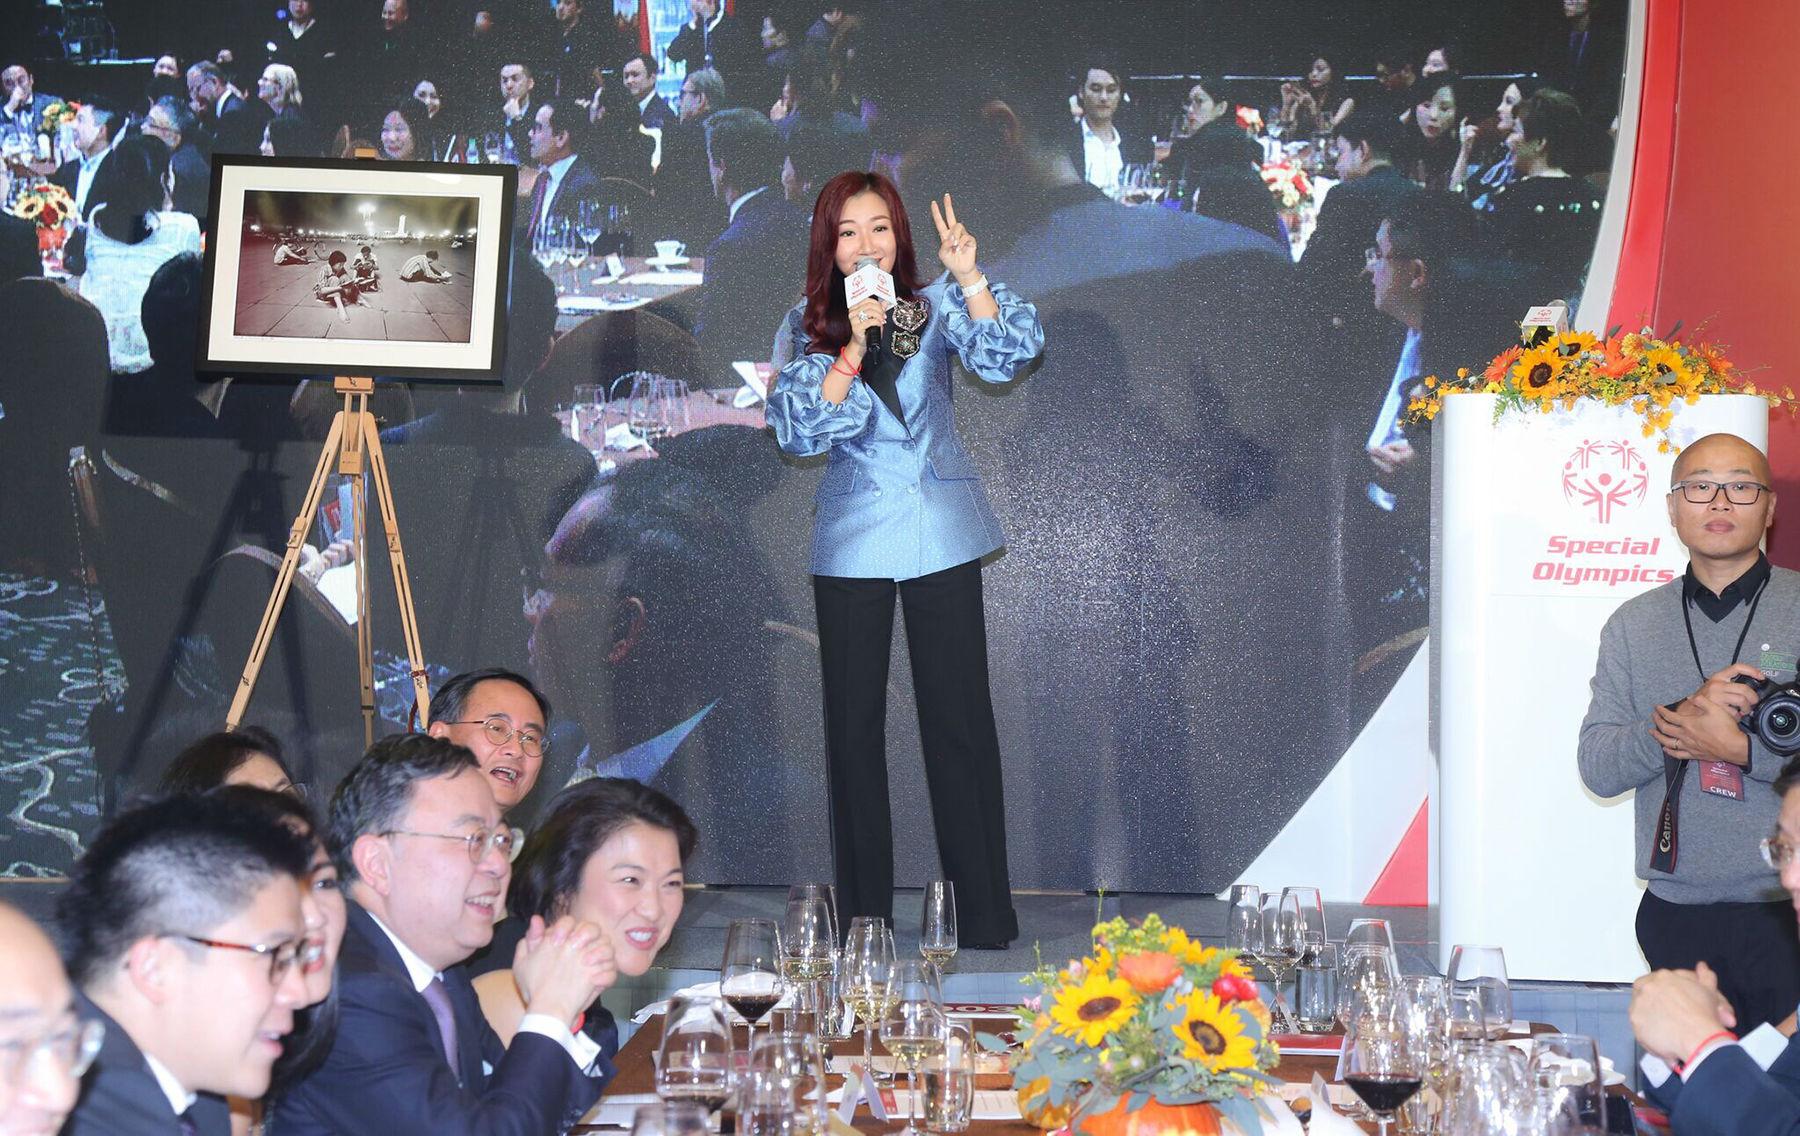 """周迅、""""晶刚夫妇""""等众多名人明星齐聚国际特奥会慈善筹款晚宴"""